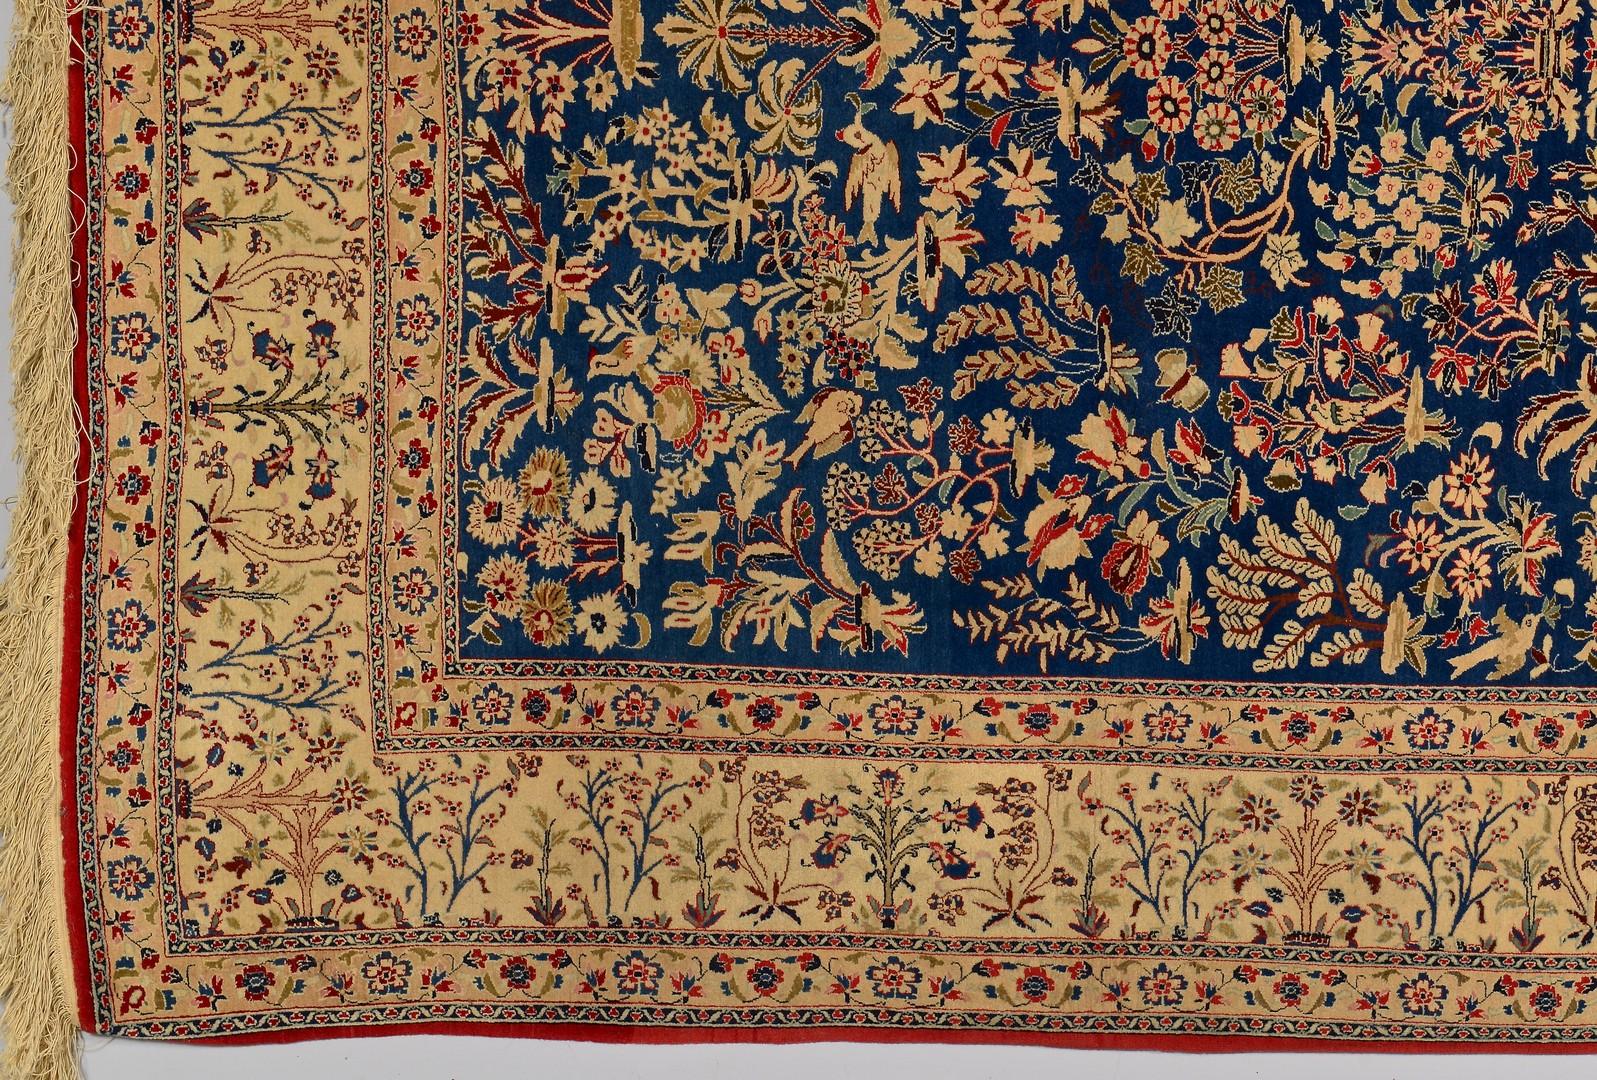 Lot 743: Persian Isphahan or Naien Rug